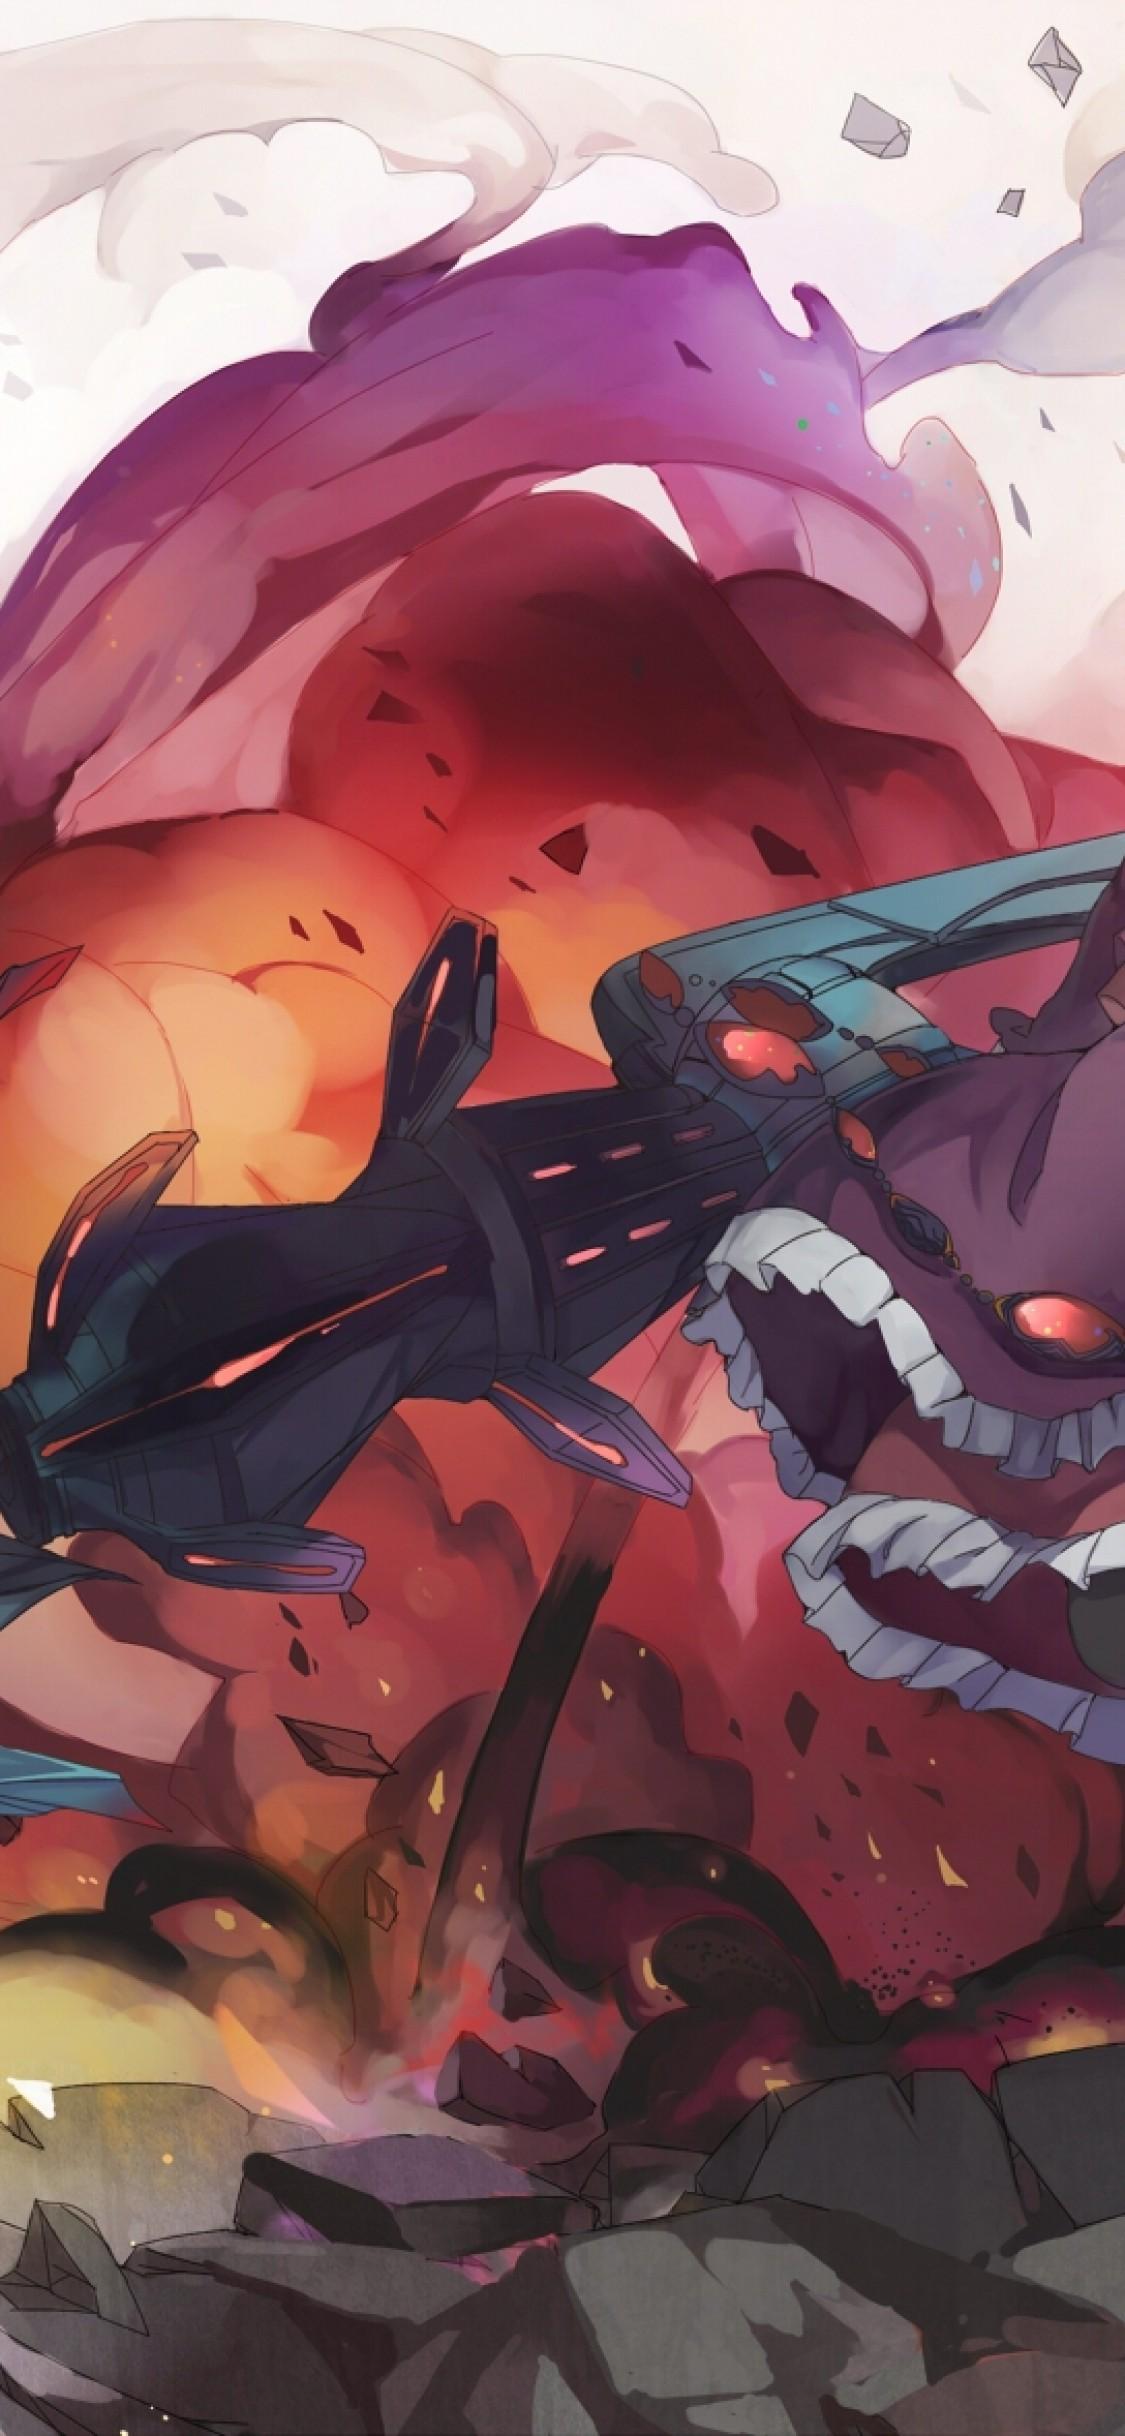 Shalltear Bloodfallen Overlord Dress Red Eyes Fang Shalltear Bloodfallen 965337 Hd Wallpaper Backgrounds Download